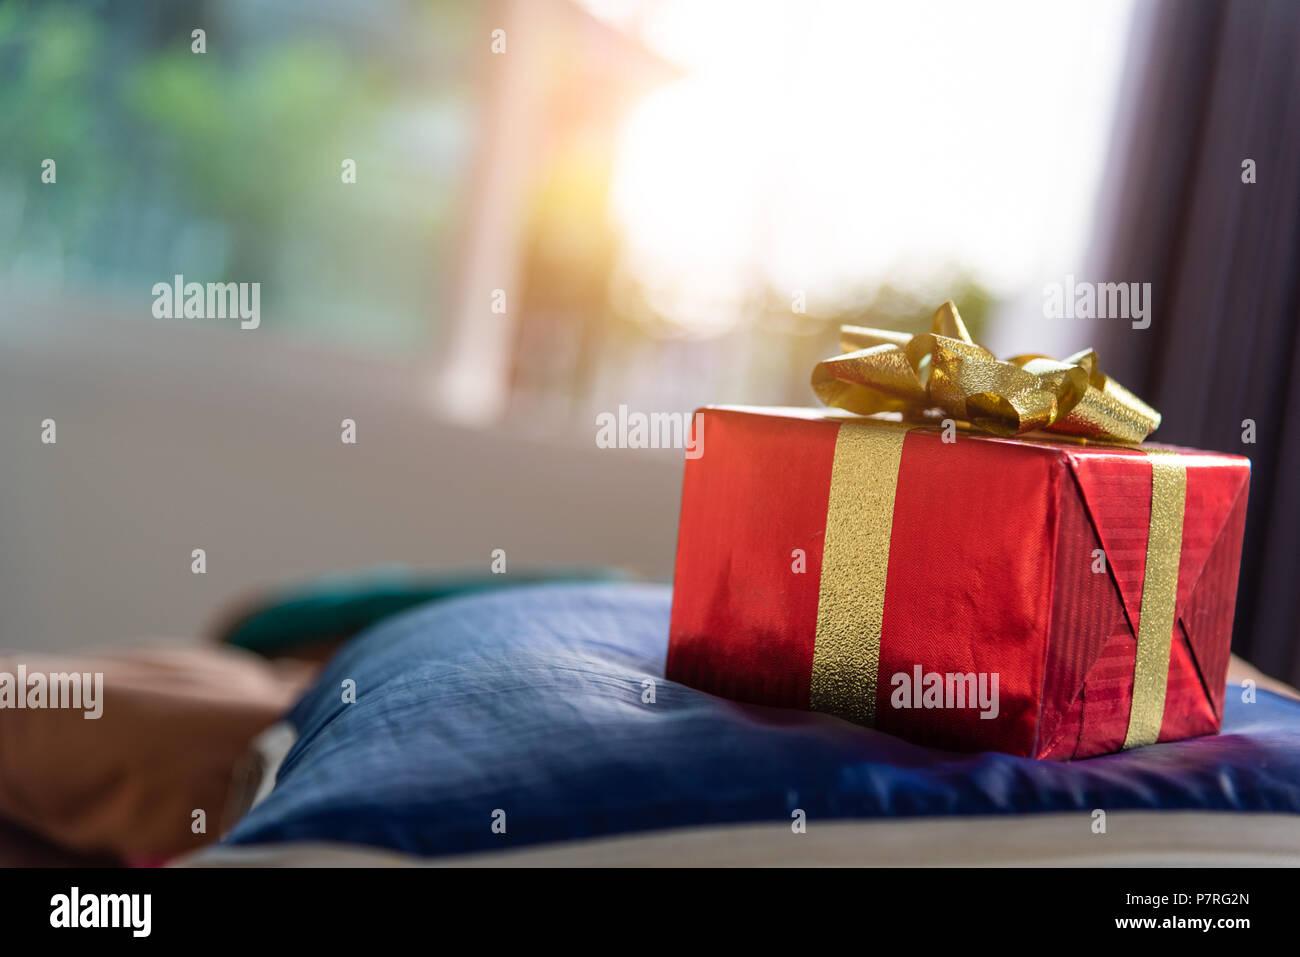 Confezione regalo in camera da letto. Vacanza e giorno anniversario ...